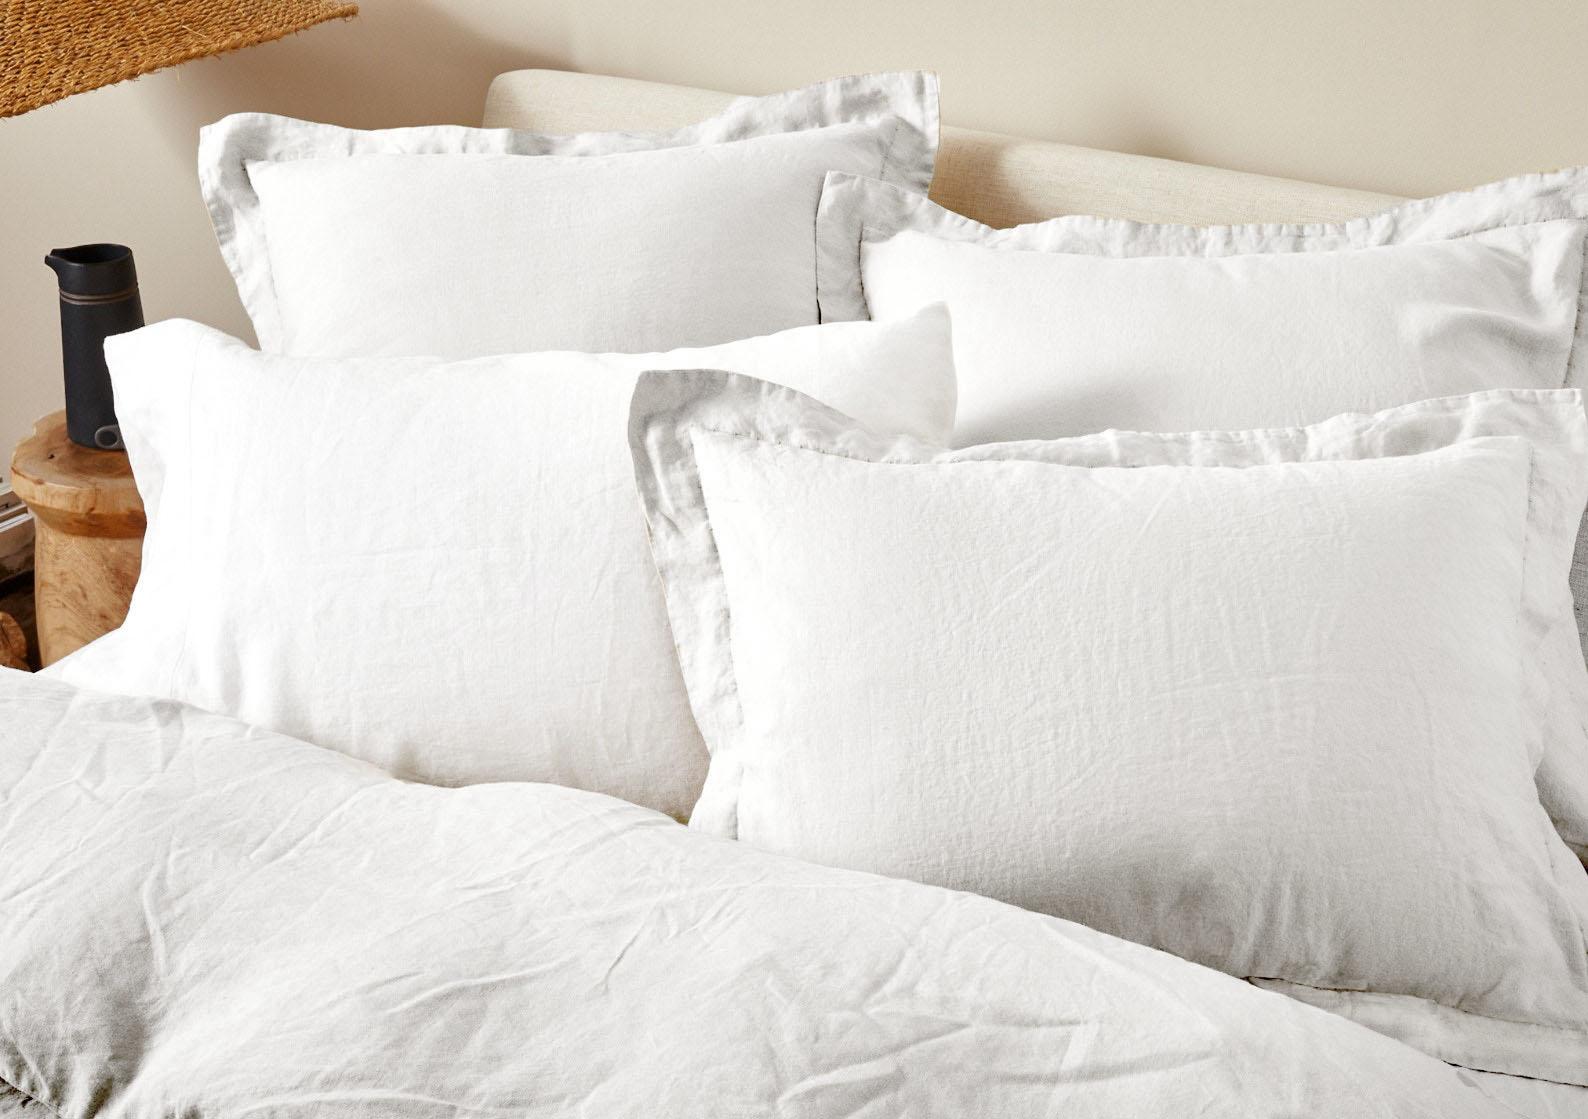 Organic Relaxed Linen Duvet Cover and Pillow Sham